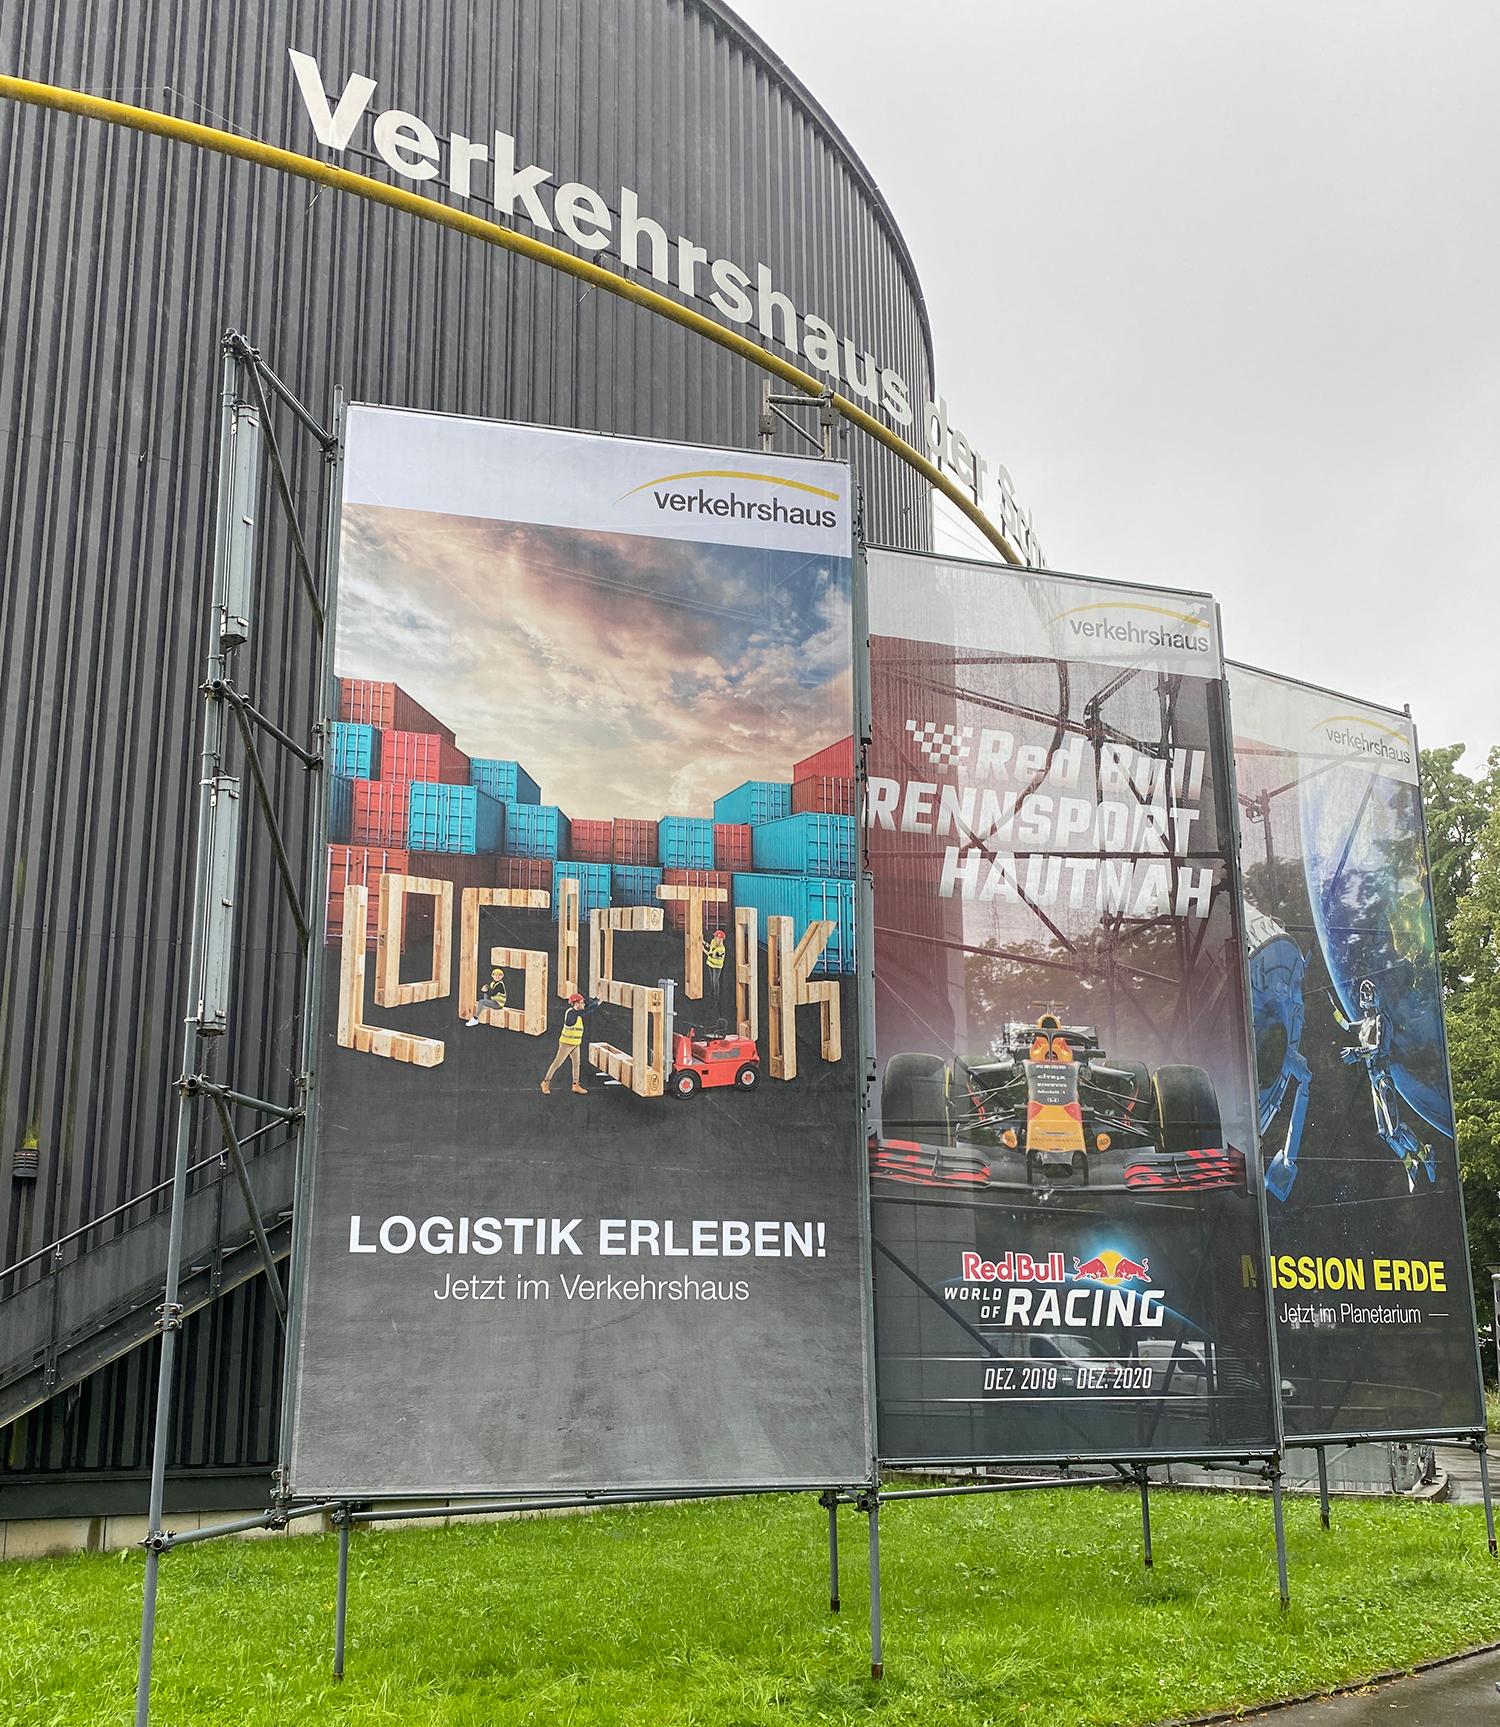 Poster - Verkehrshaus